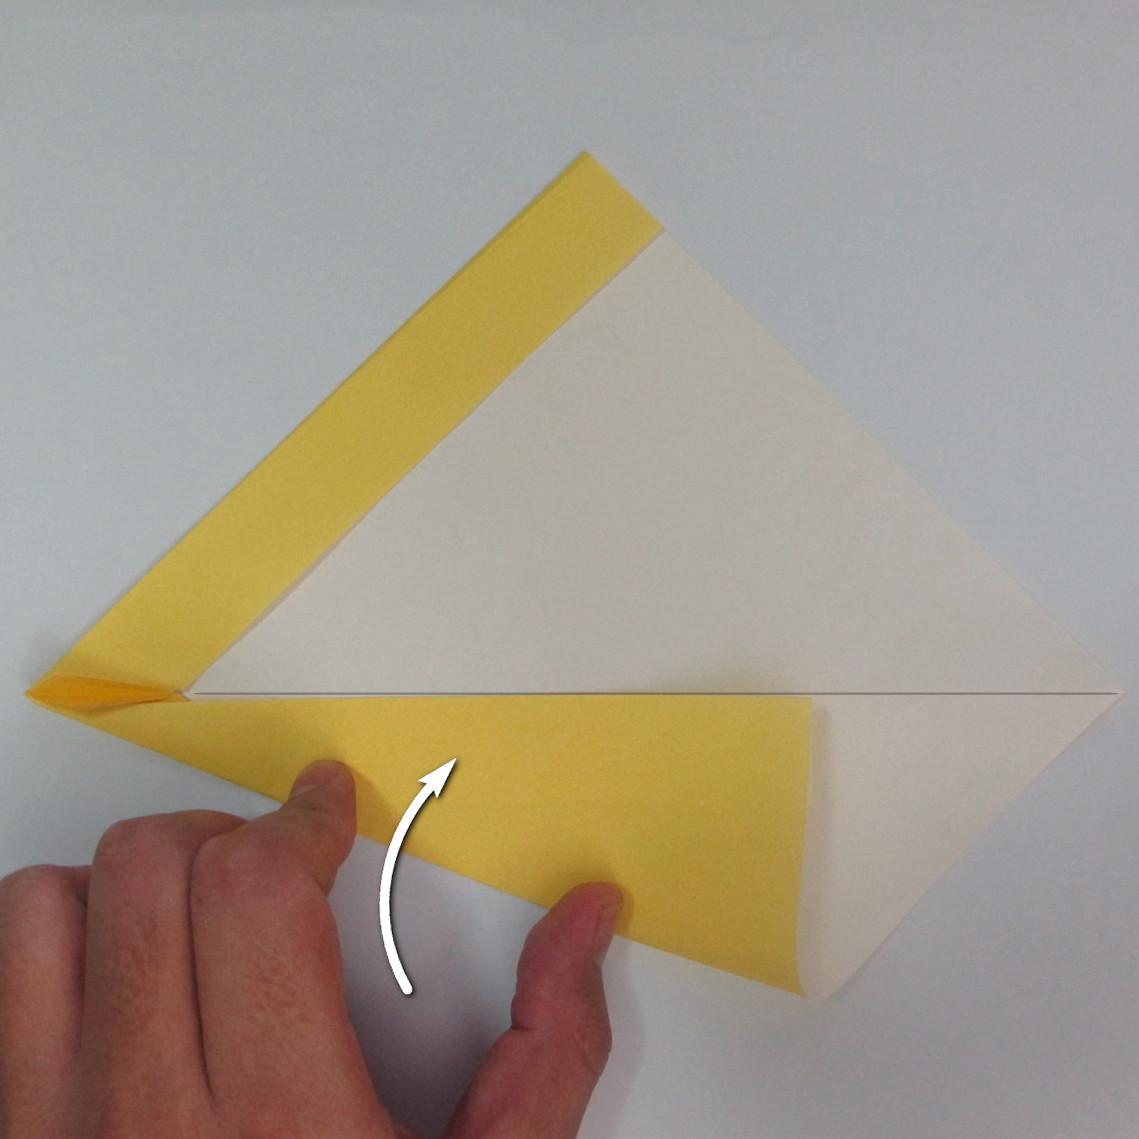 สอนวิธีพับกระดาษเป็นรูปลูกสุนัขยืนสองขา แบบของพอล ฟราสโก้ (Down Boy Dog Origami) 024